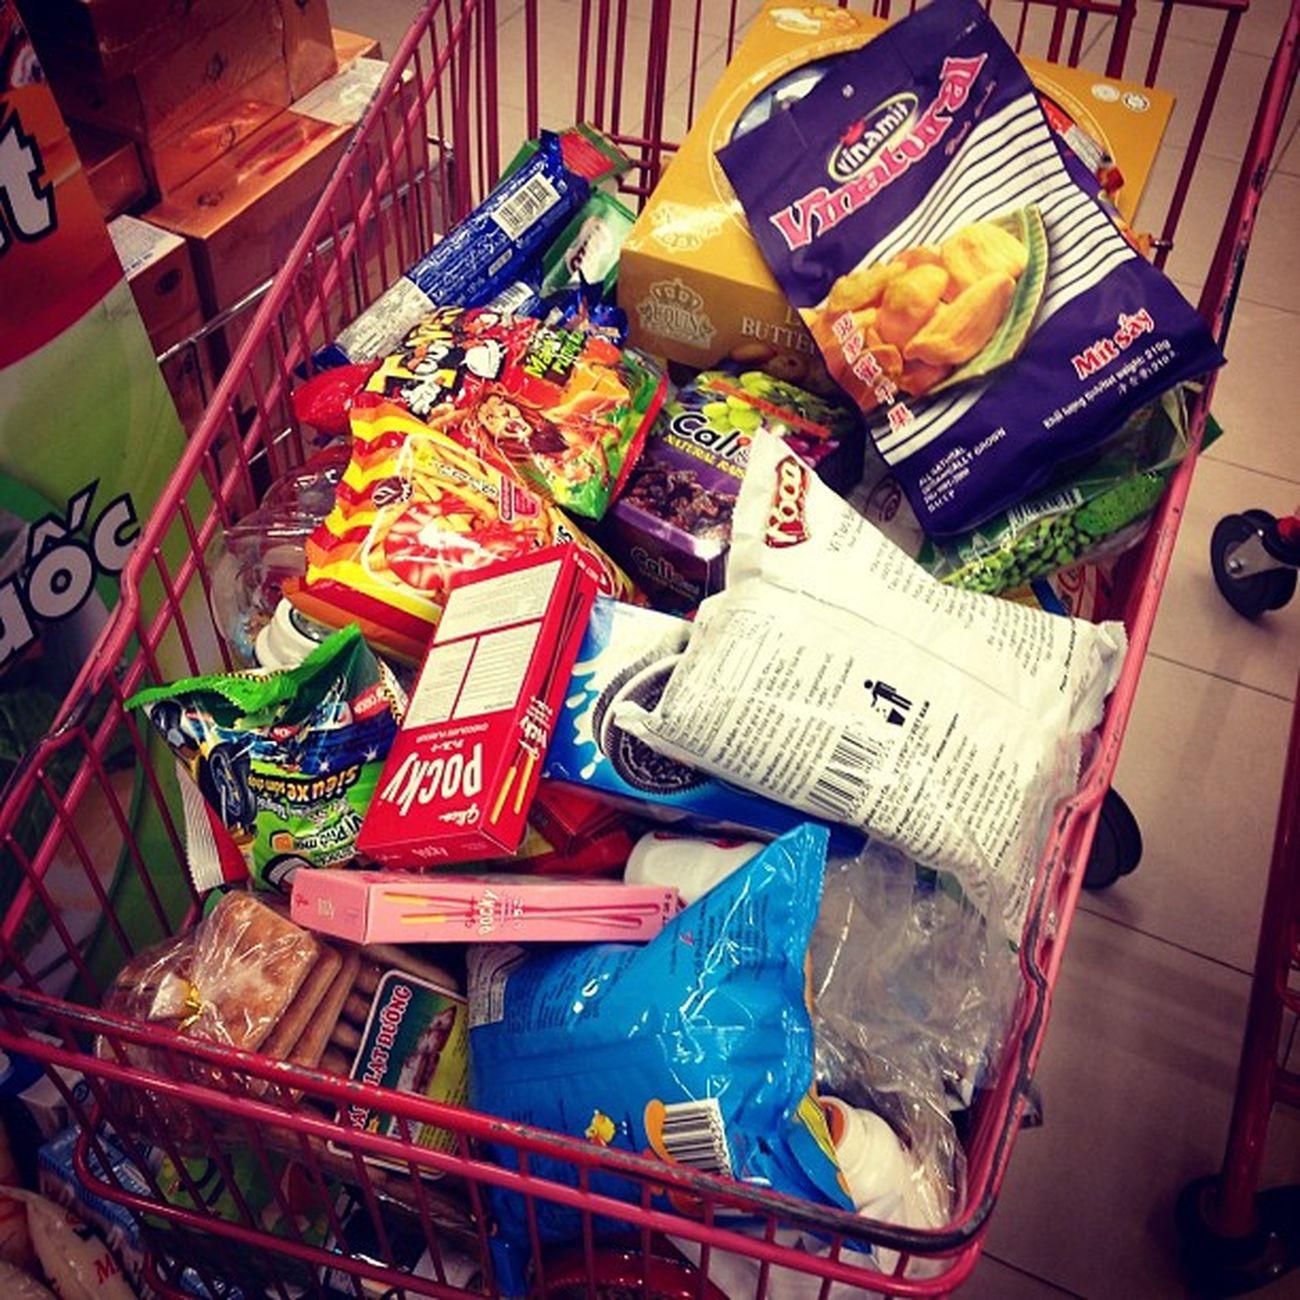 không đi thì thôi ha :)) Lần thứ 4 trong tuần bé thăm siêu thị roài đó!